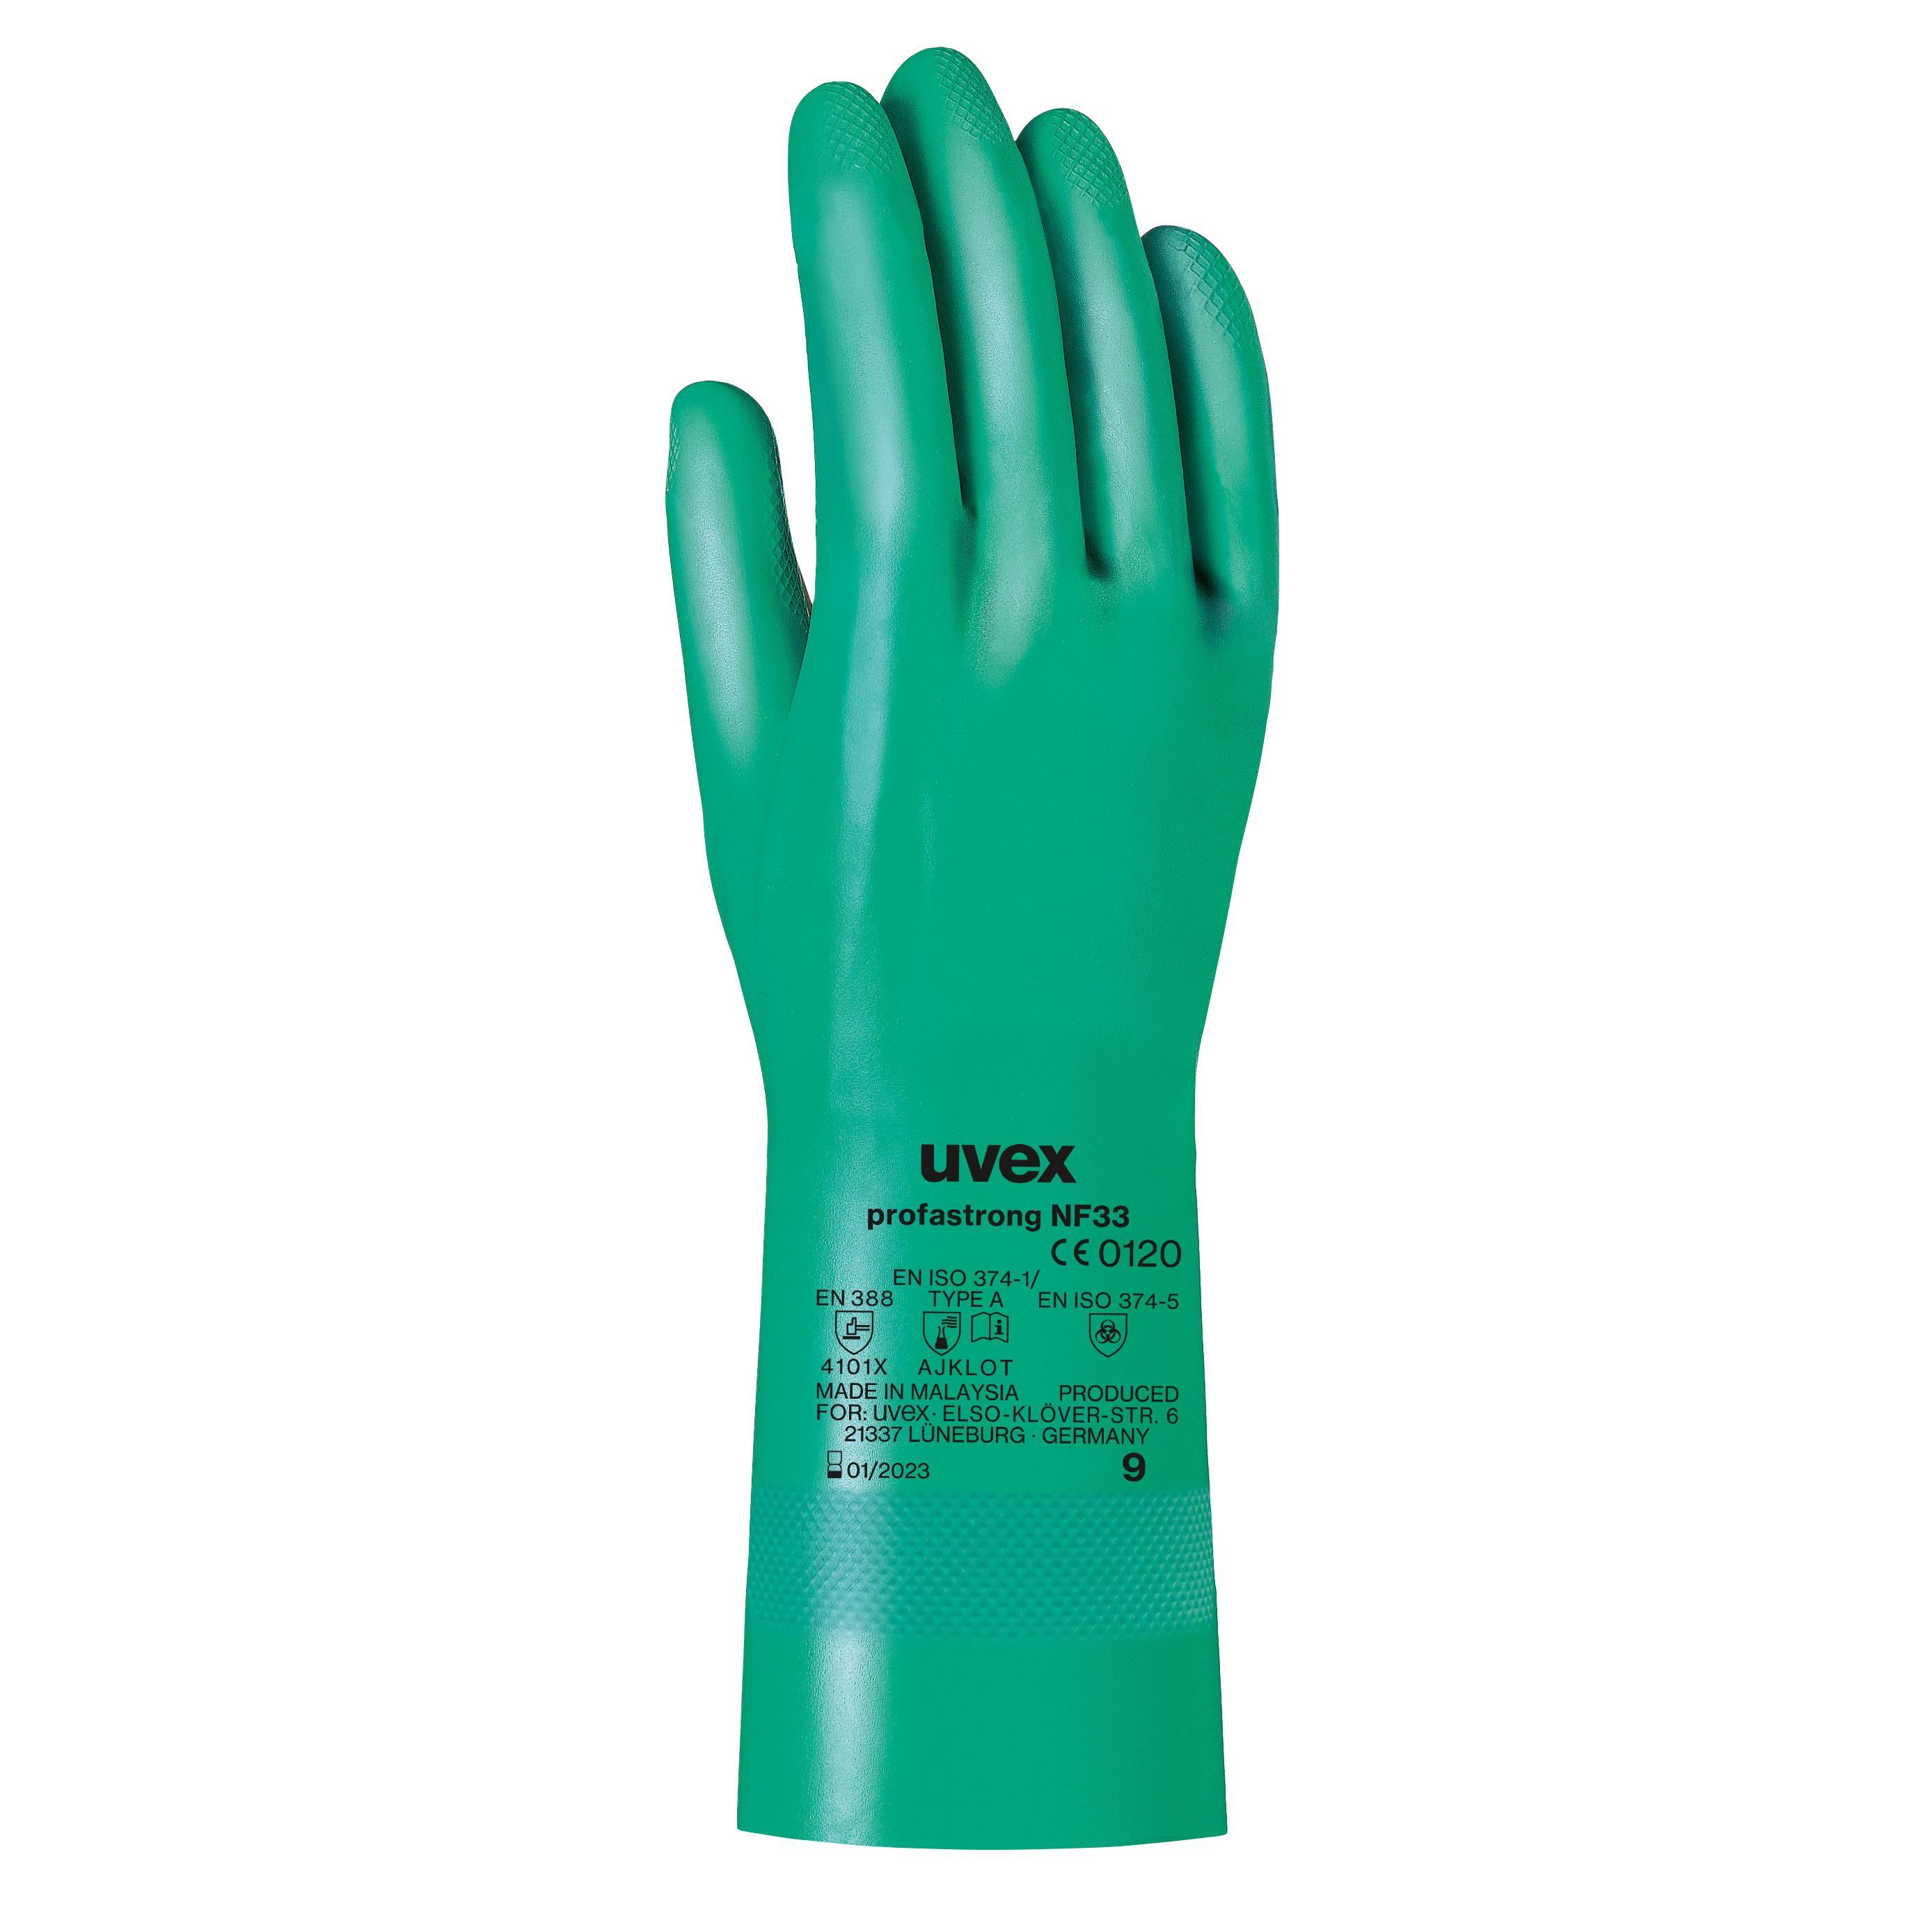 uvex profastrong NF33 Chemikalienschutzhandschuhe, Größe 10